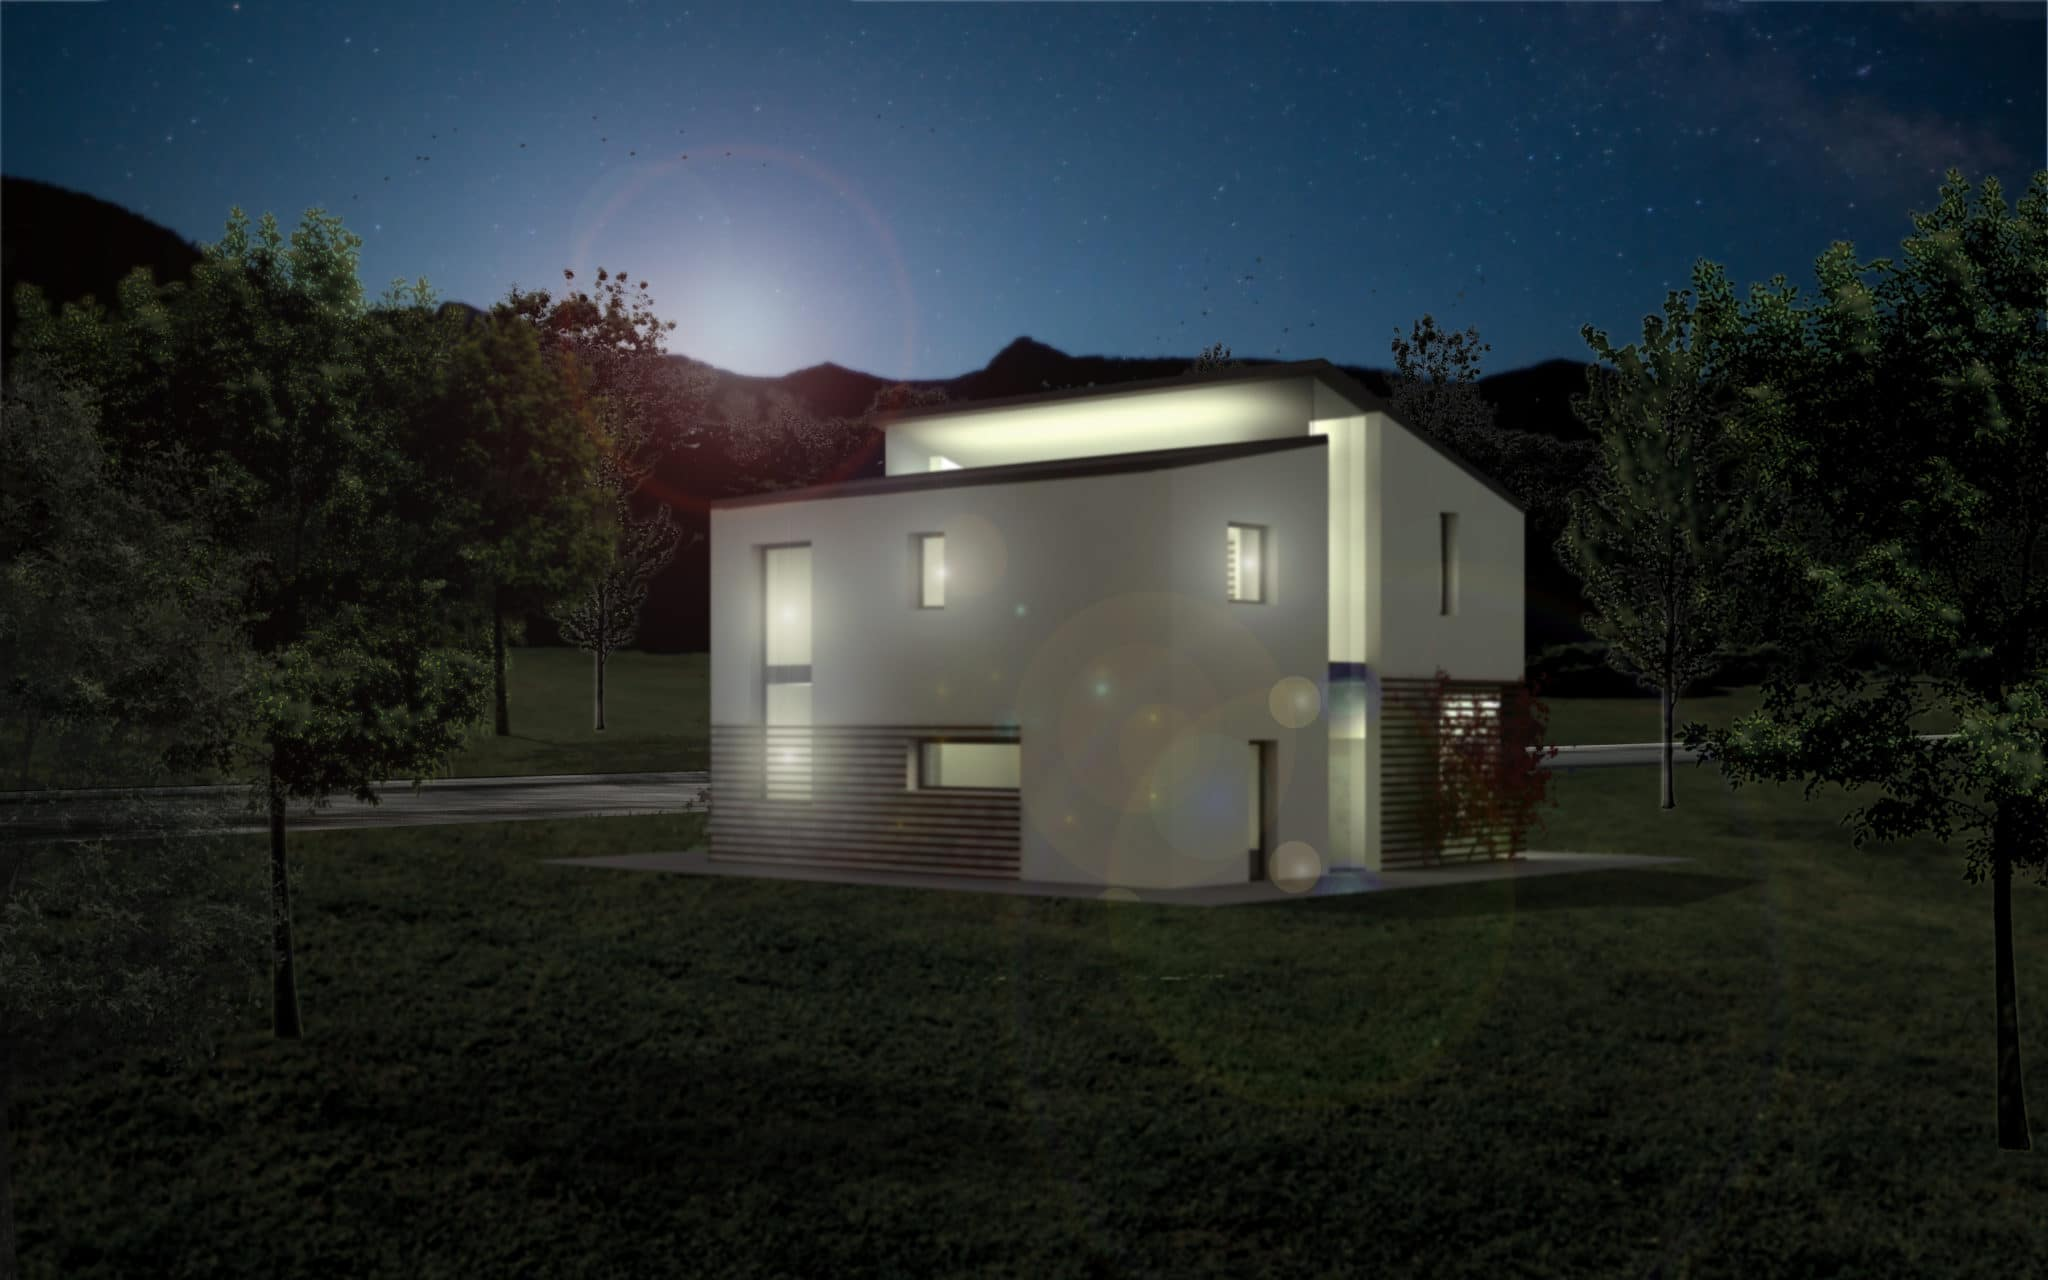 Legno case concorso di progettazione casa residenziale in legno officine visualarch - Progettazione esterni casa ...